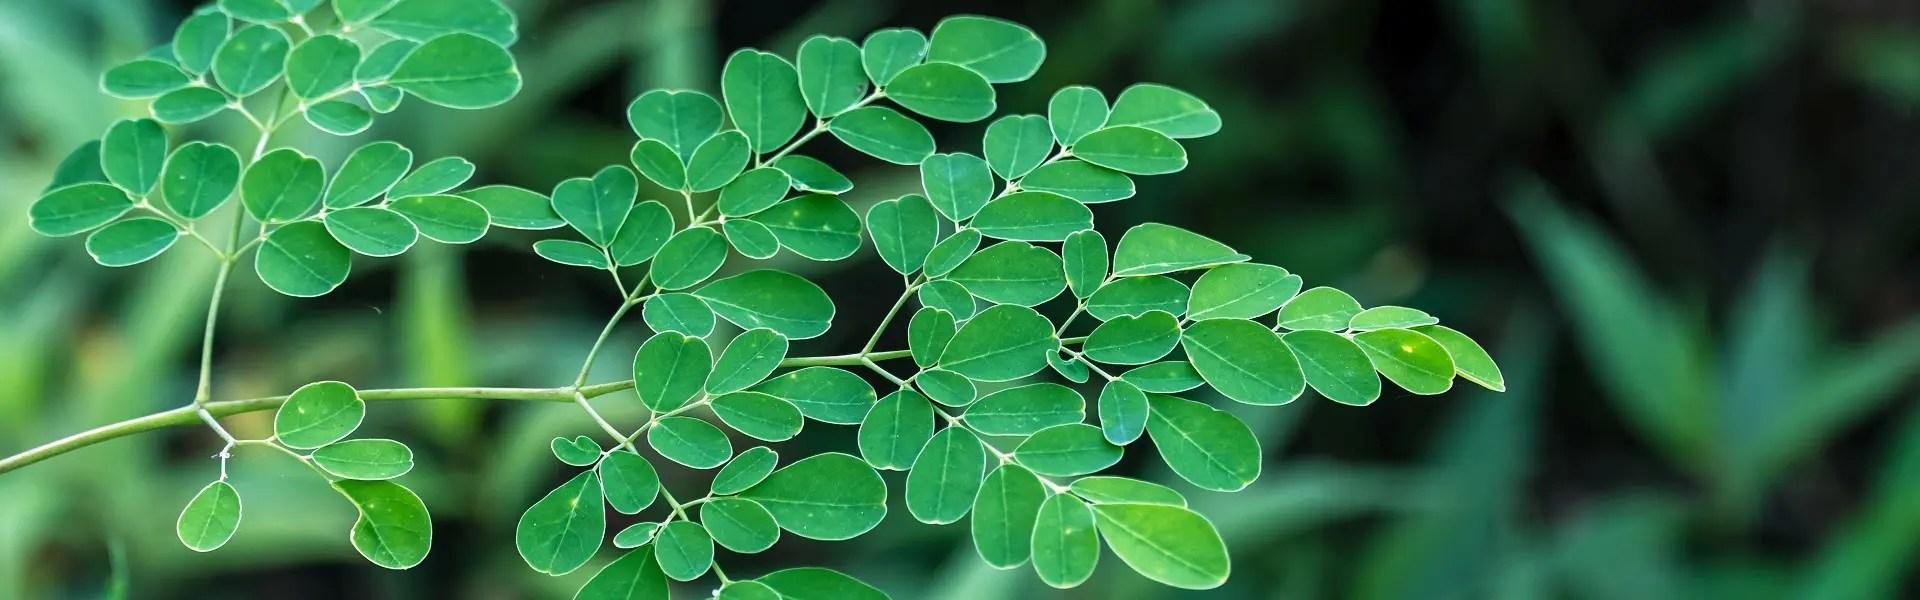 Moringa leaves (Moringa oleifera) isolated on white background